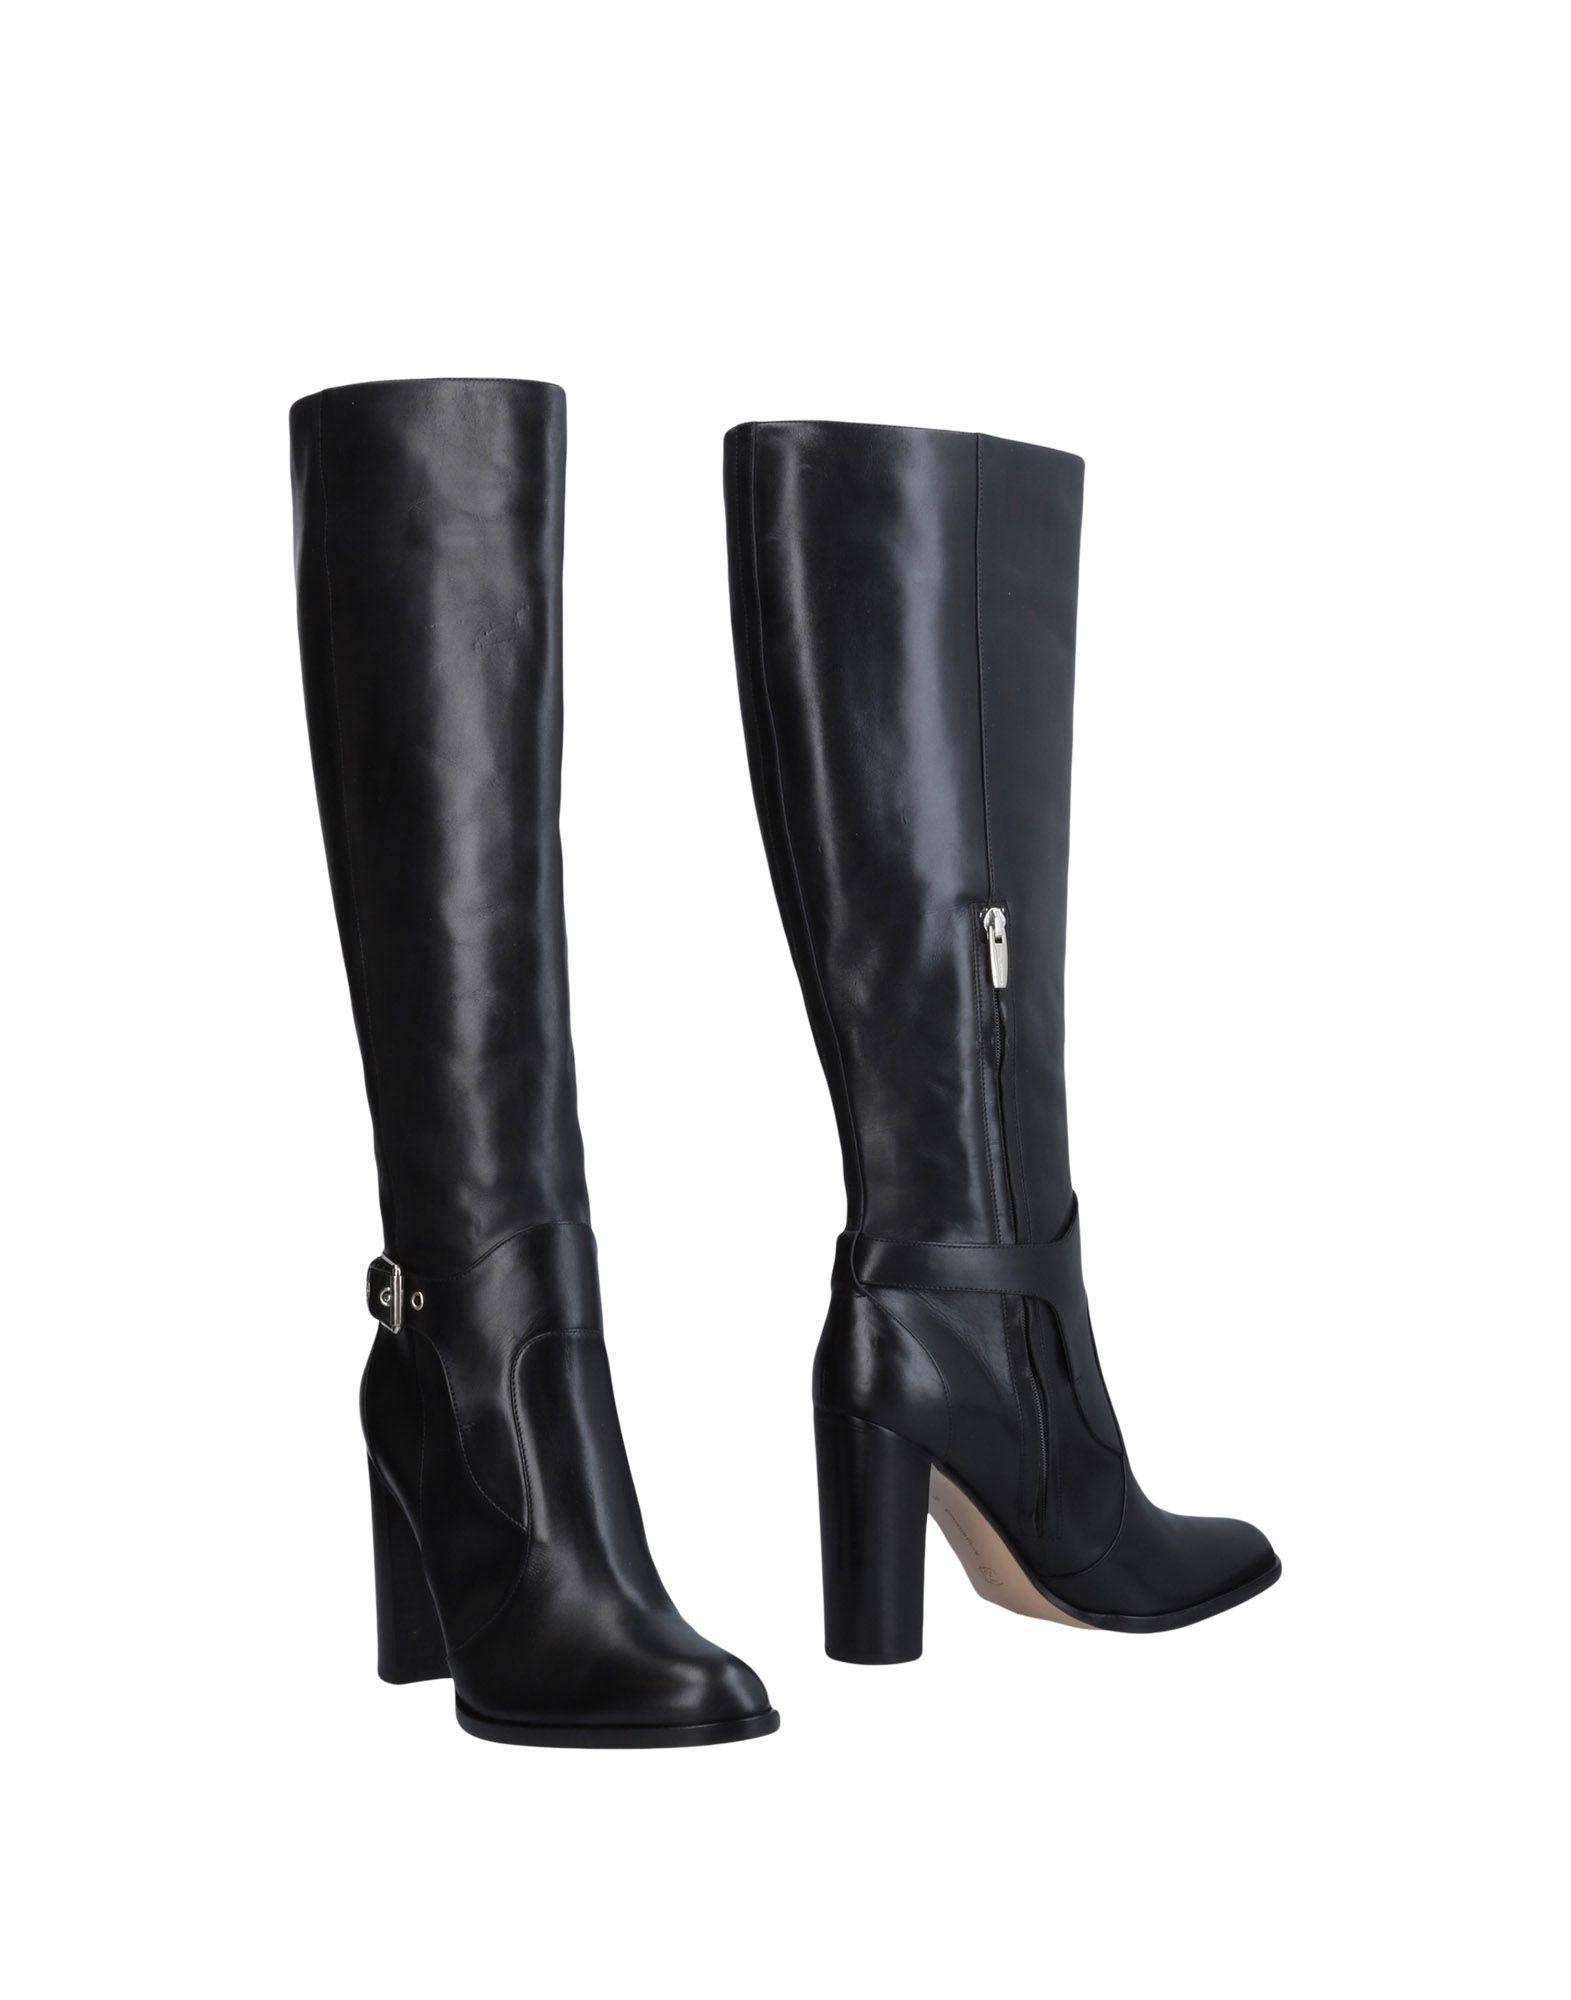 Gianvito Rossi Boots - Women Gianvito Rossi Australia Boots online on  Australia Rossi - 11453563NN 3f52a6